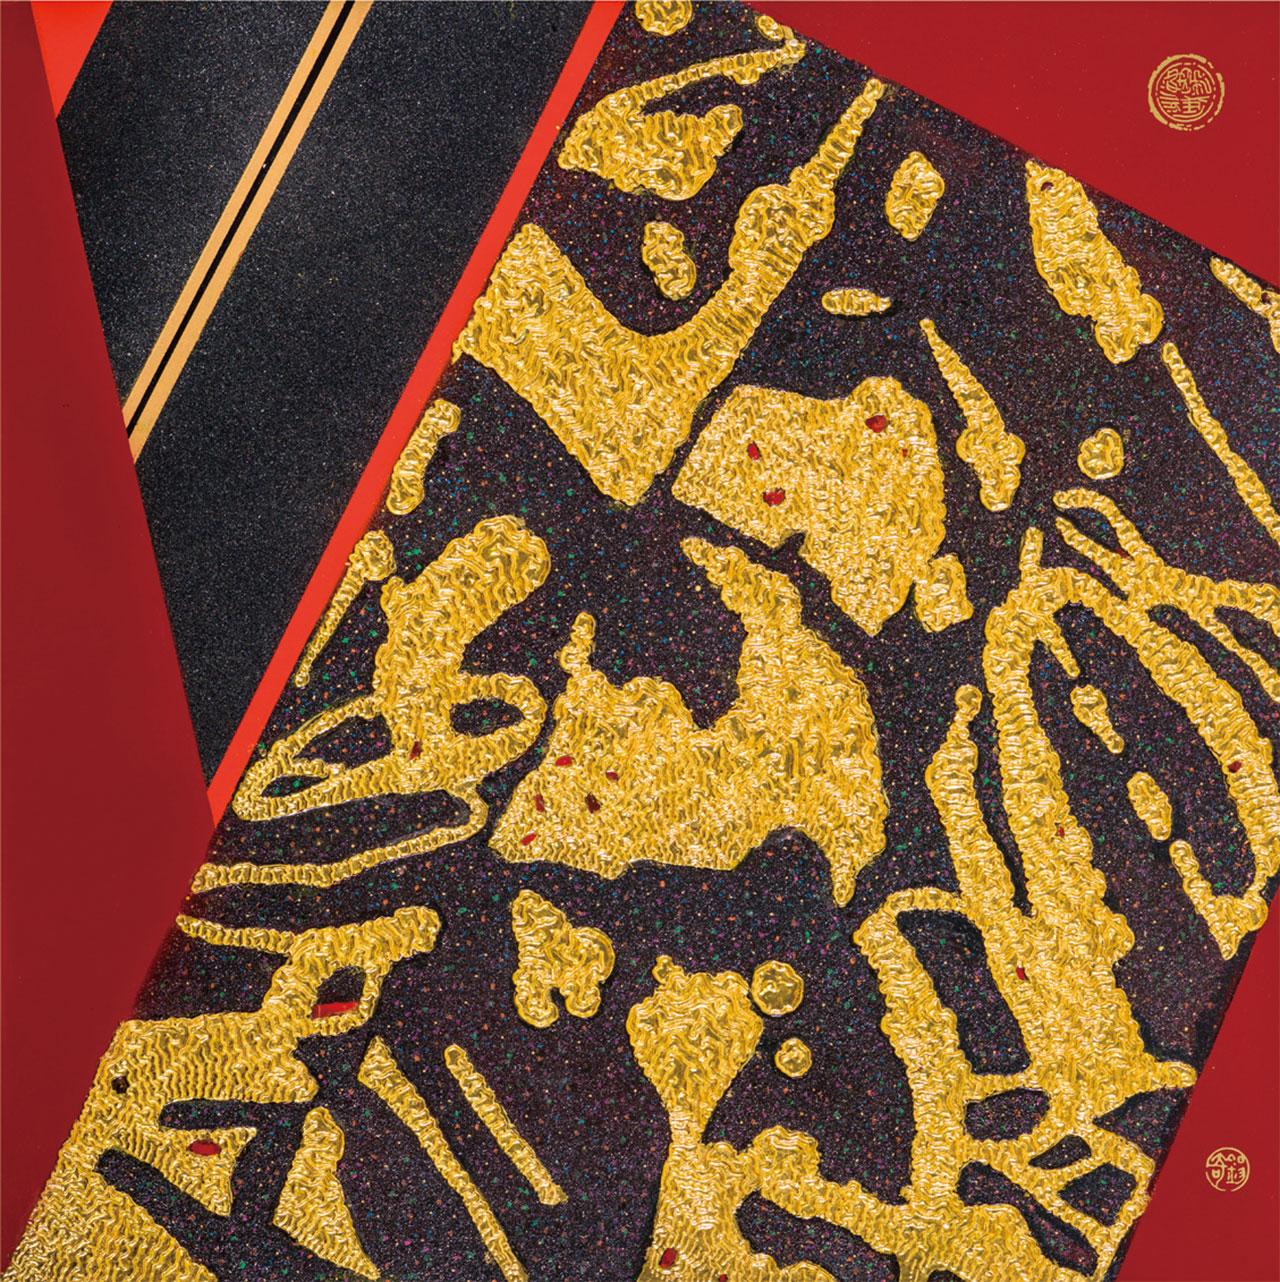 李錫奇 漢采本位13 漆畫複合媒材 90x90cm